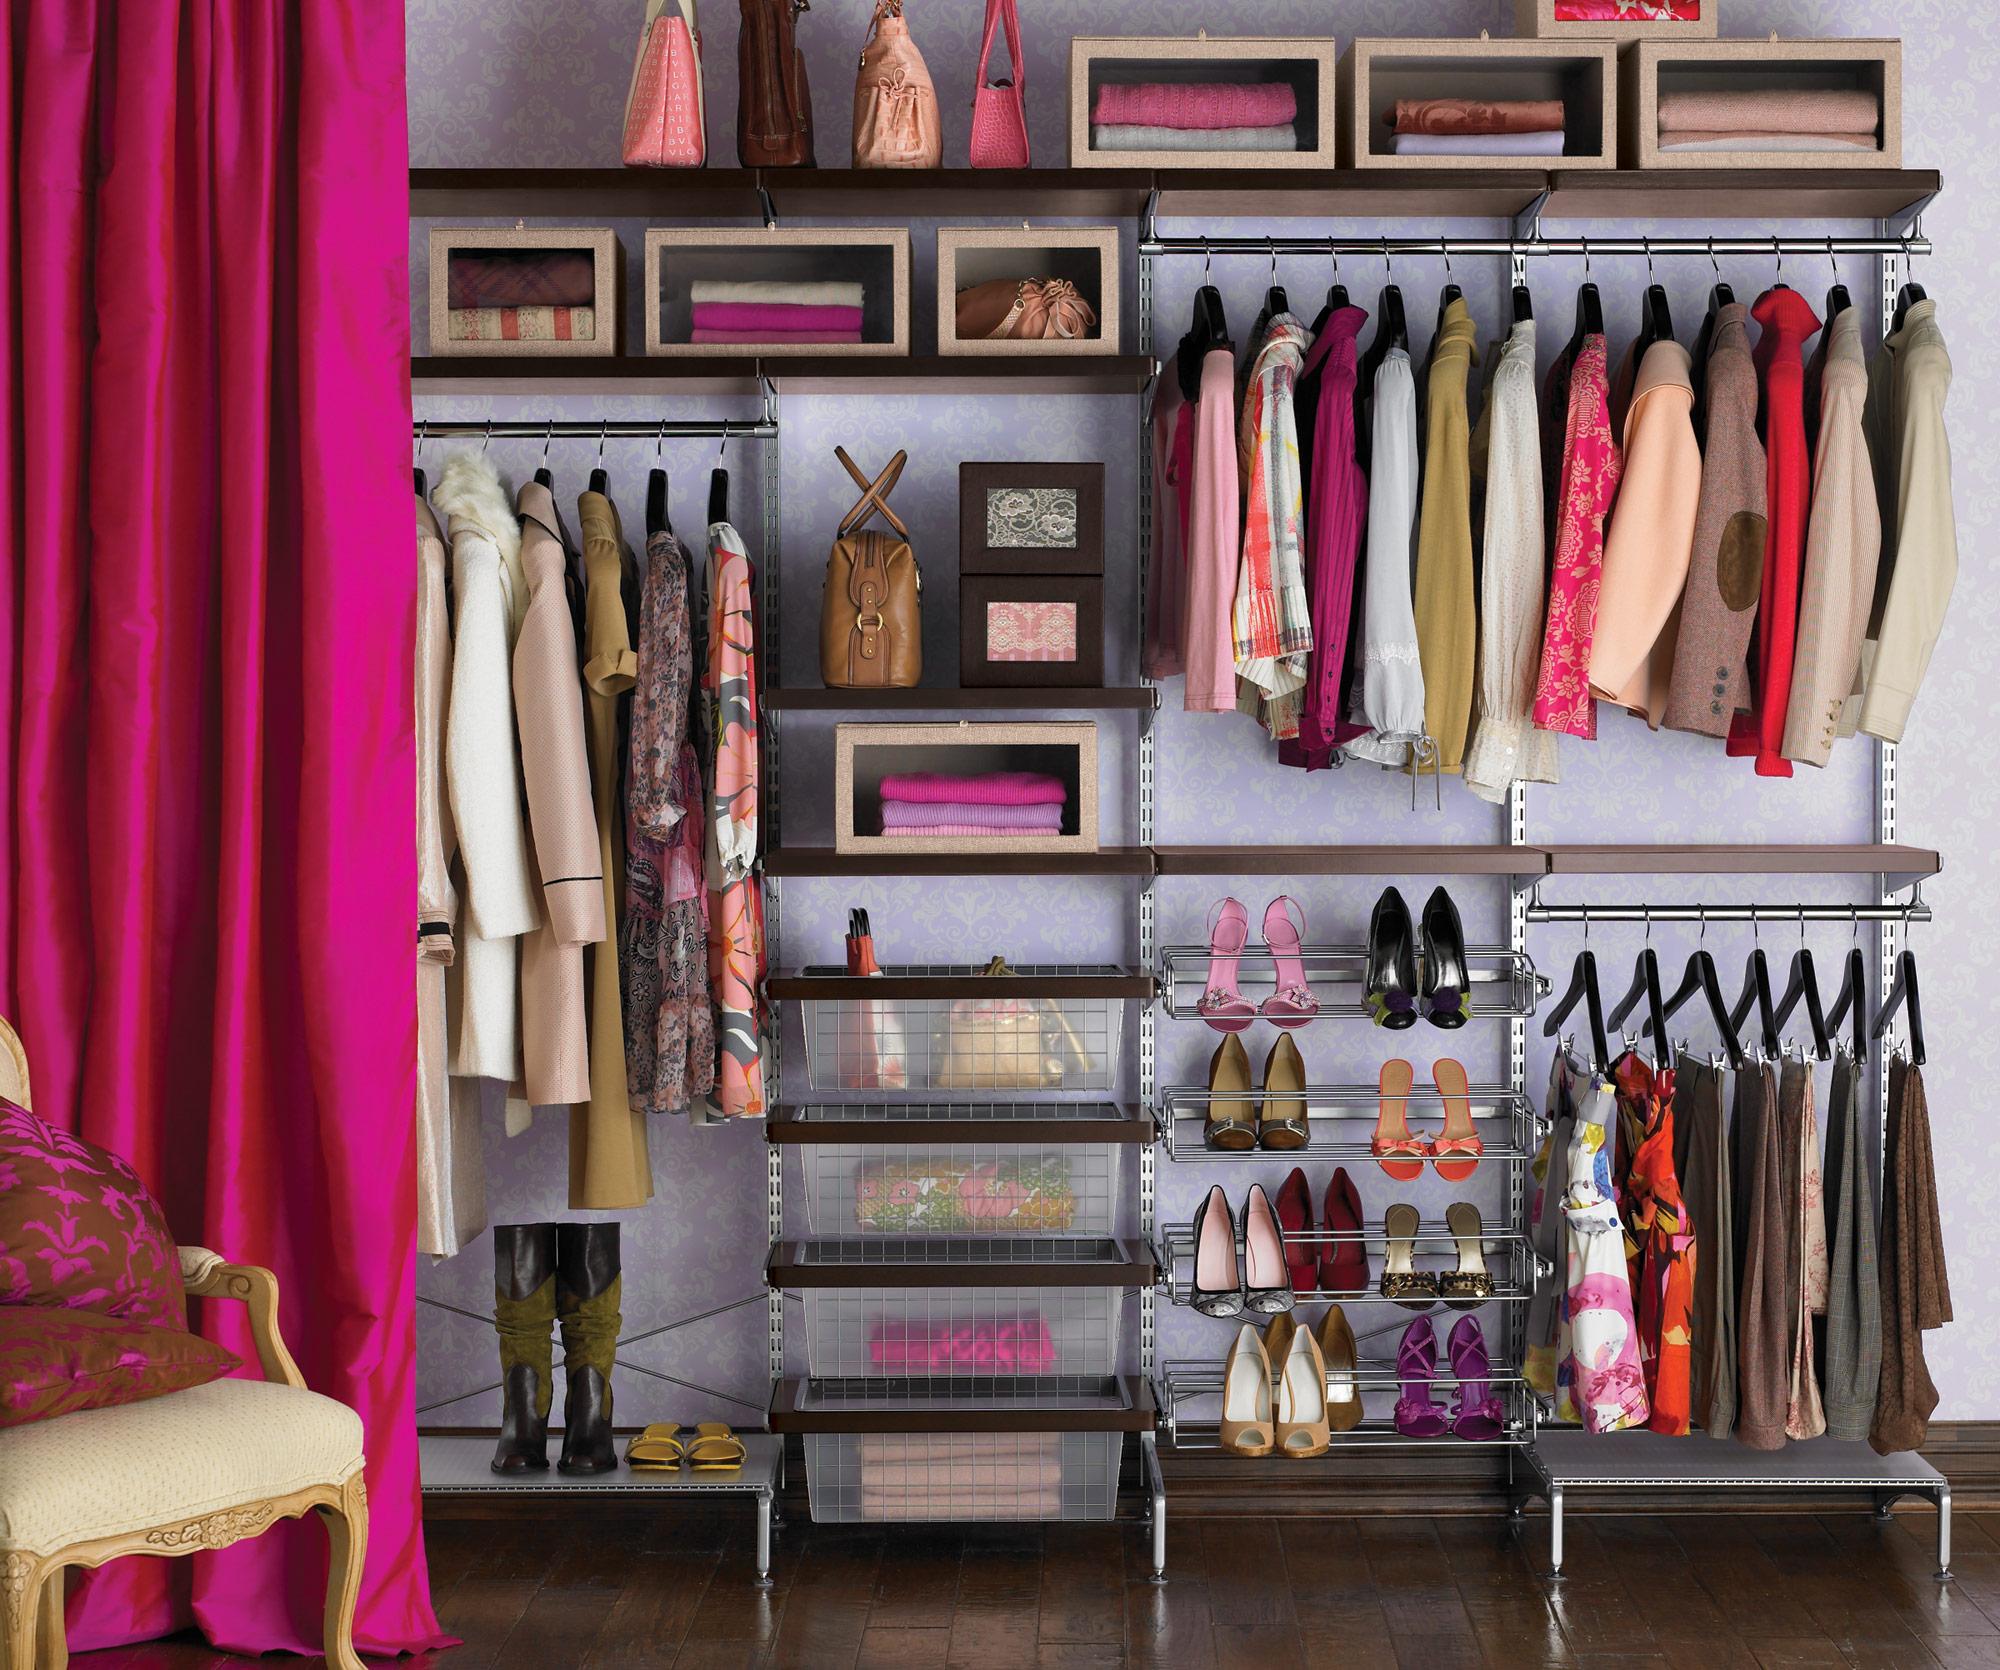 kleiderschrank-design idee rosa kühn farben